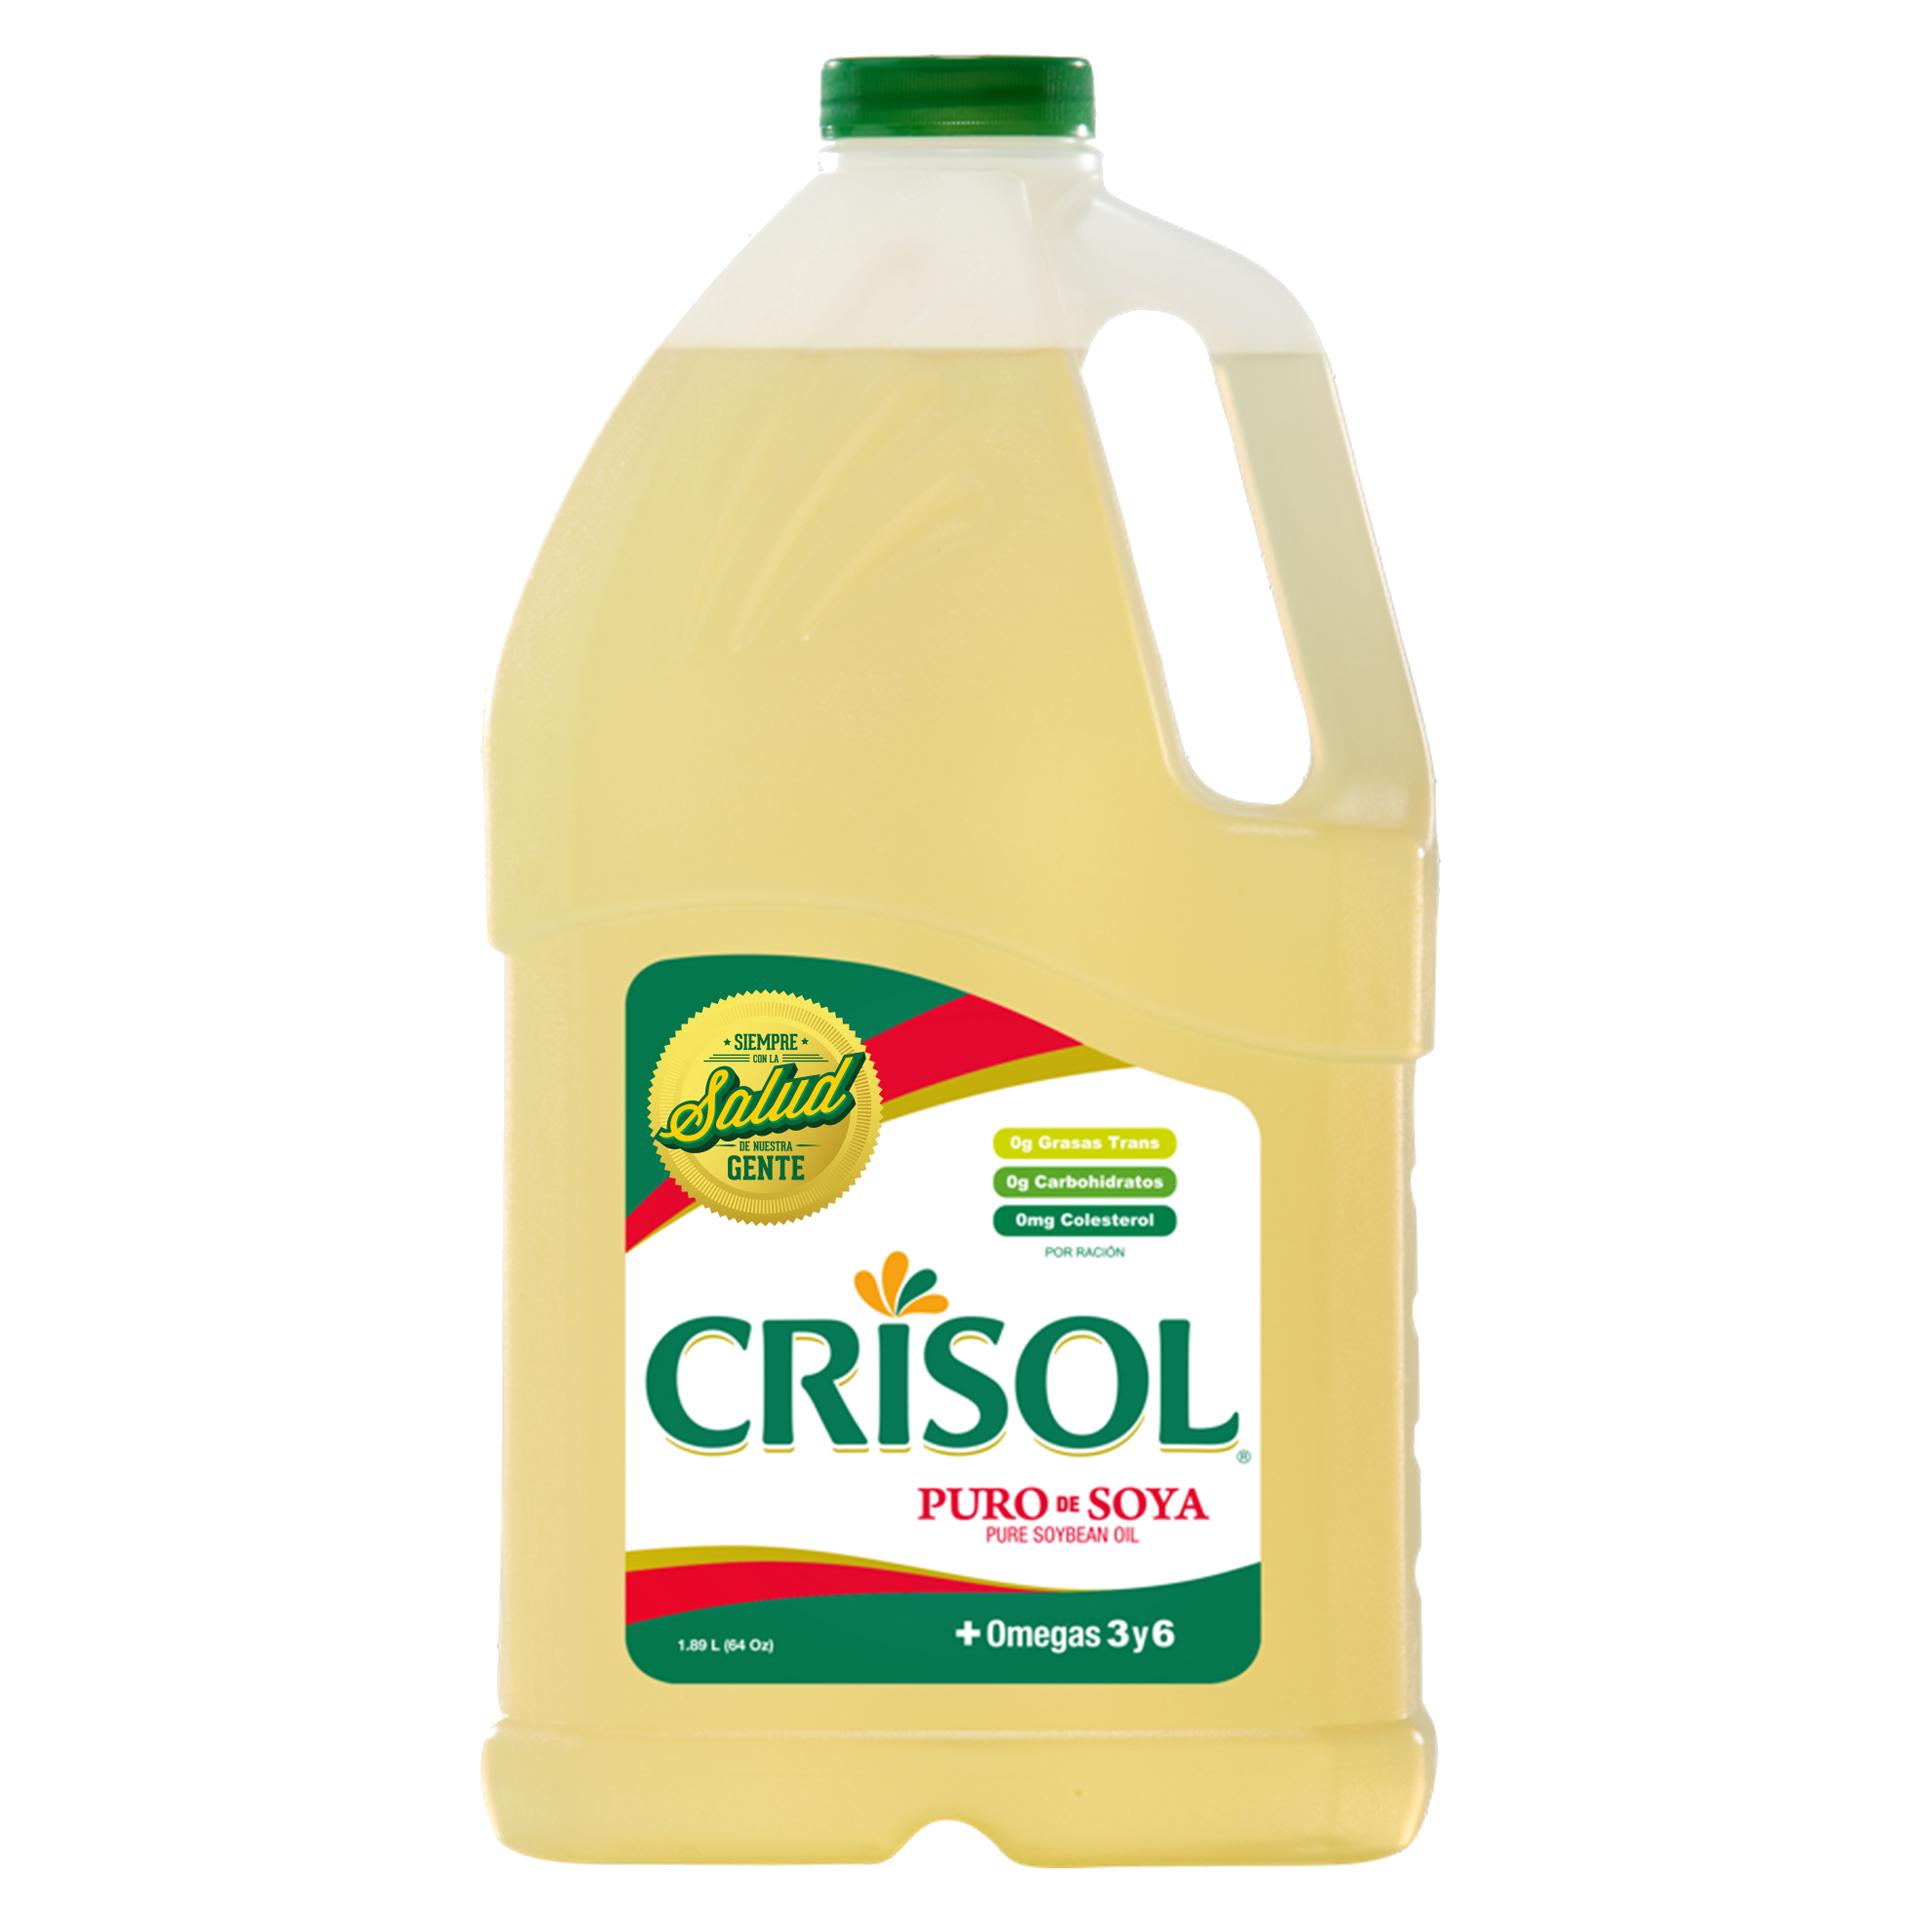 CRISOL 64 OZ